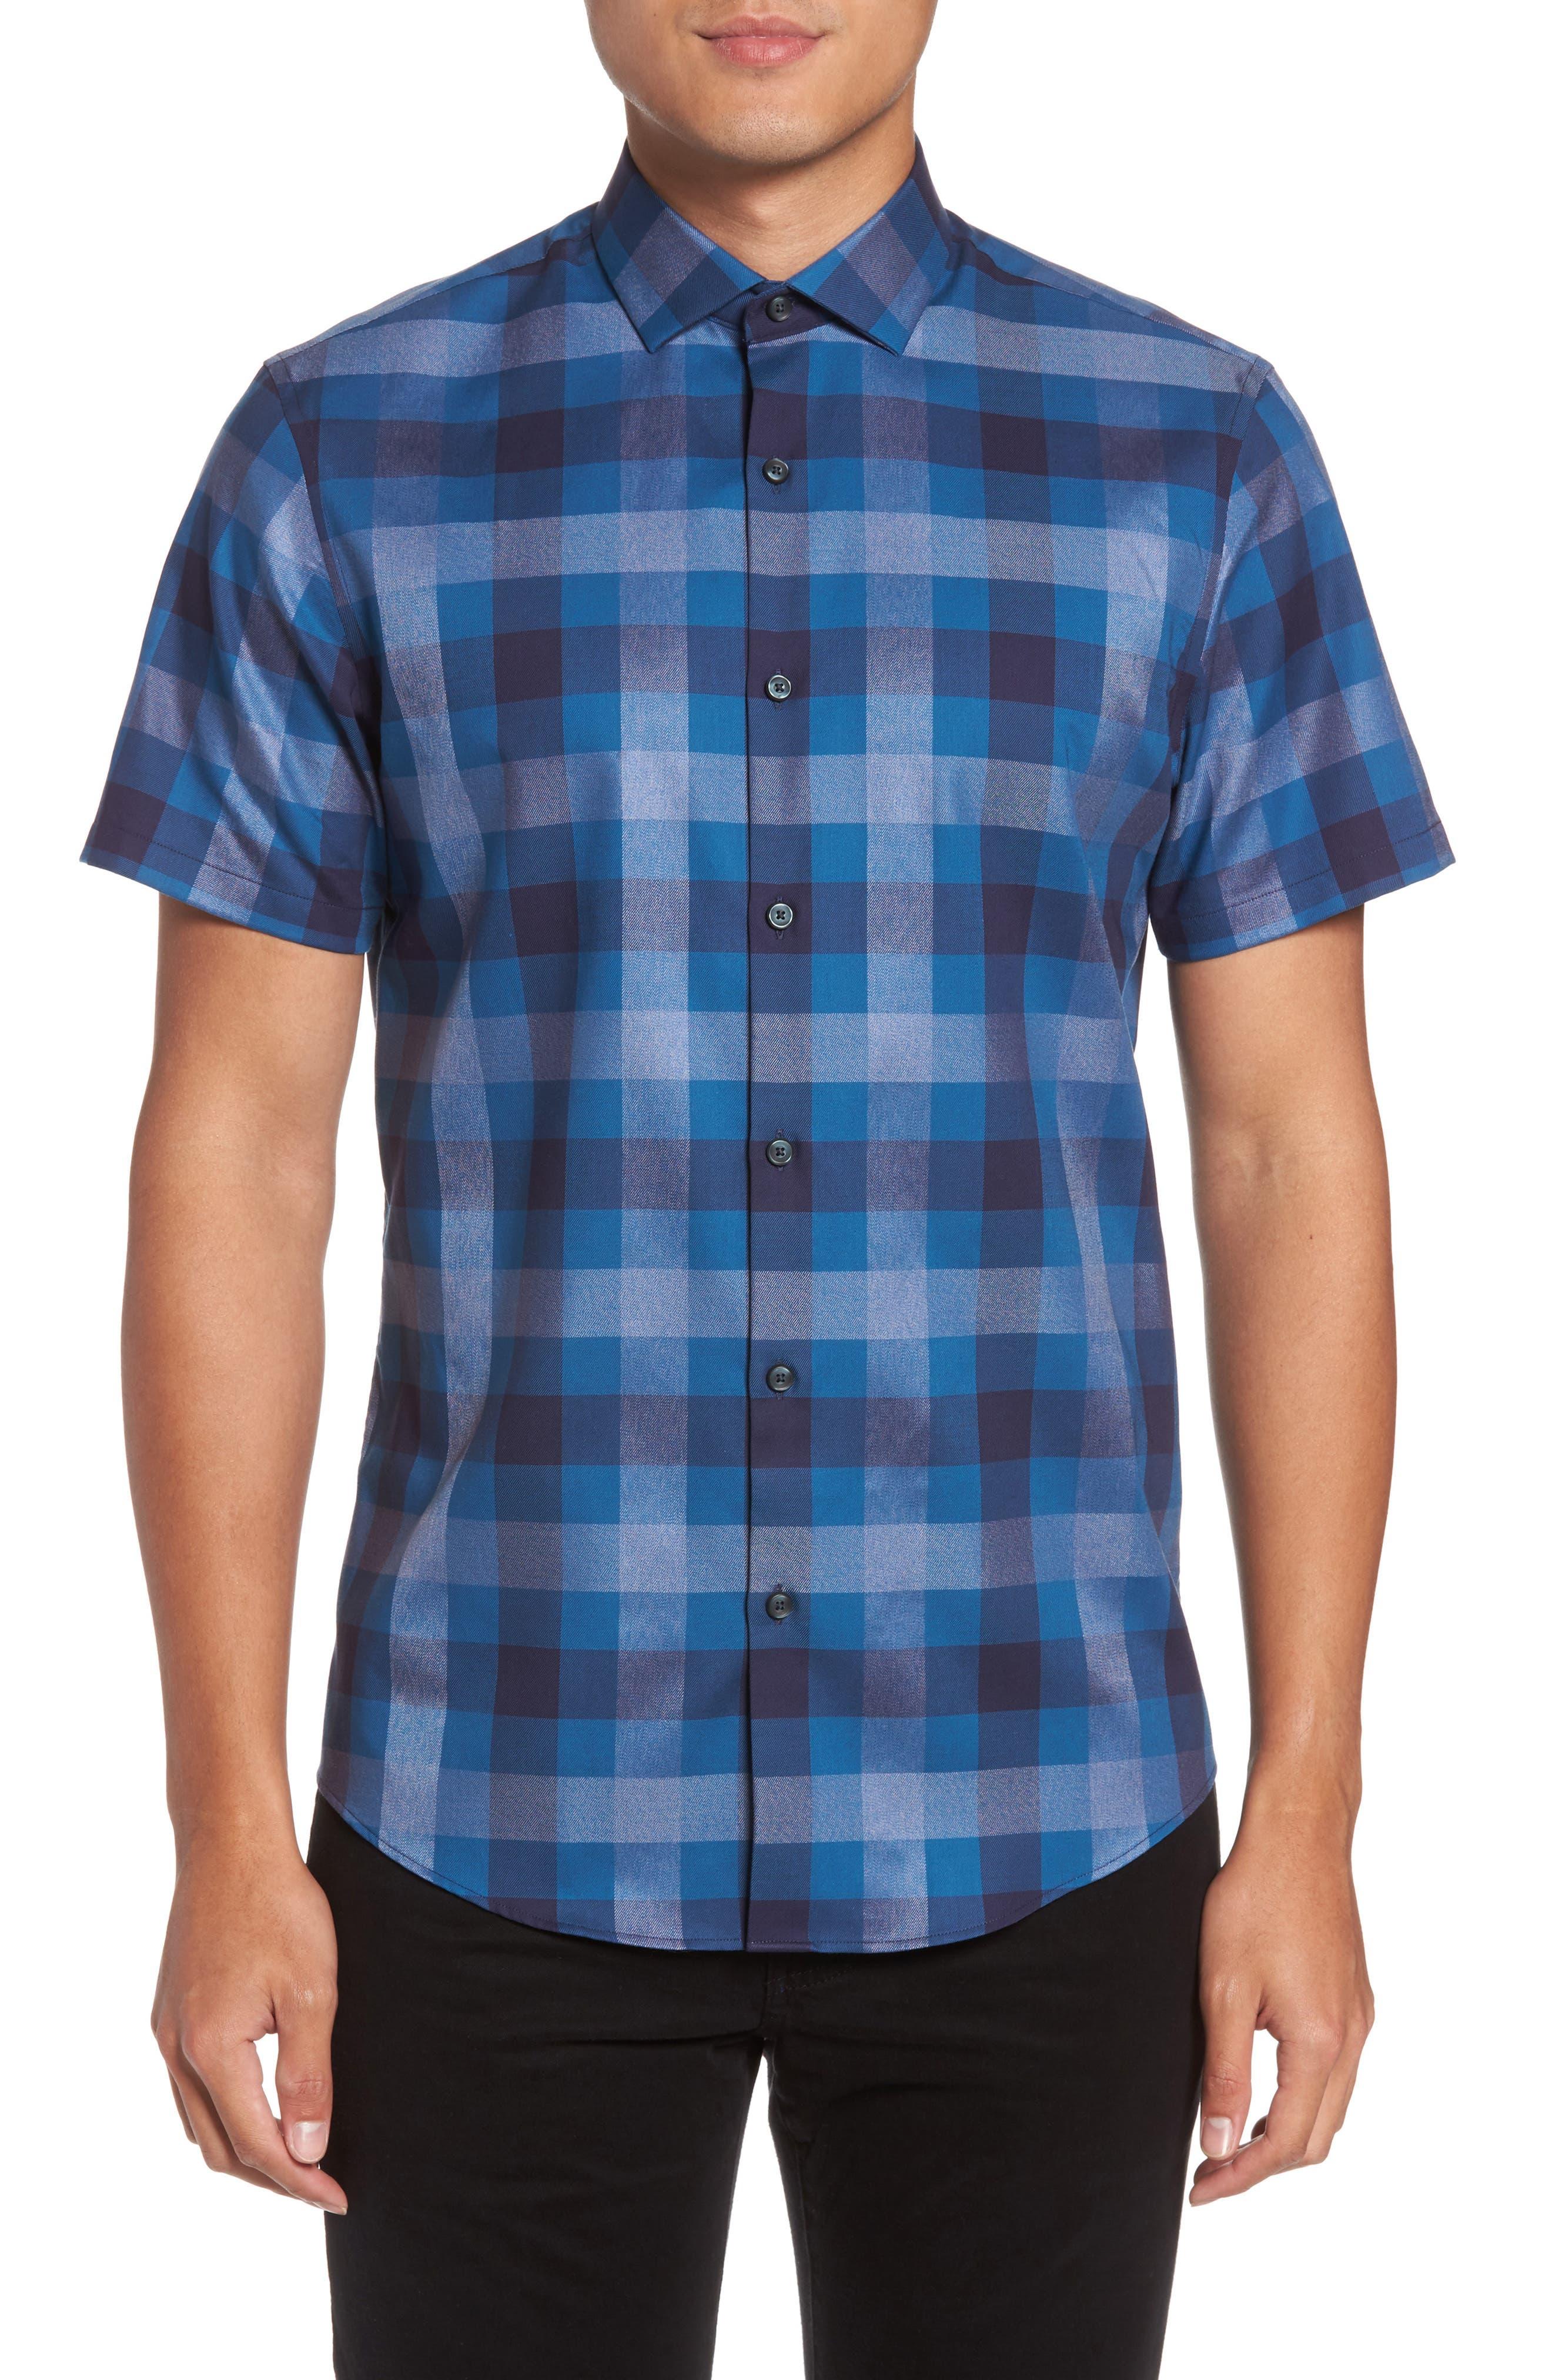 Main Image - Calibrate No-Iron Large Check Woven Shirt